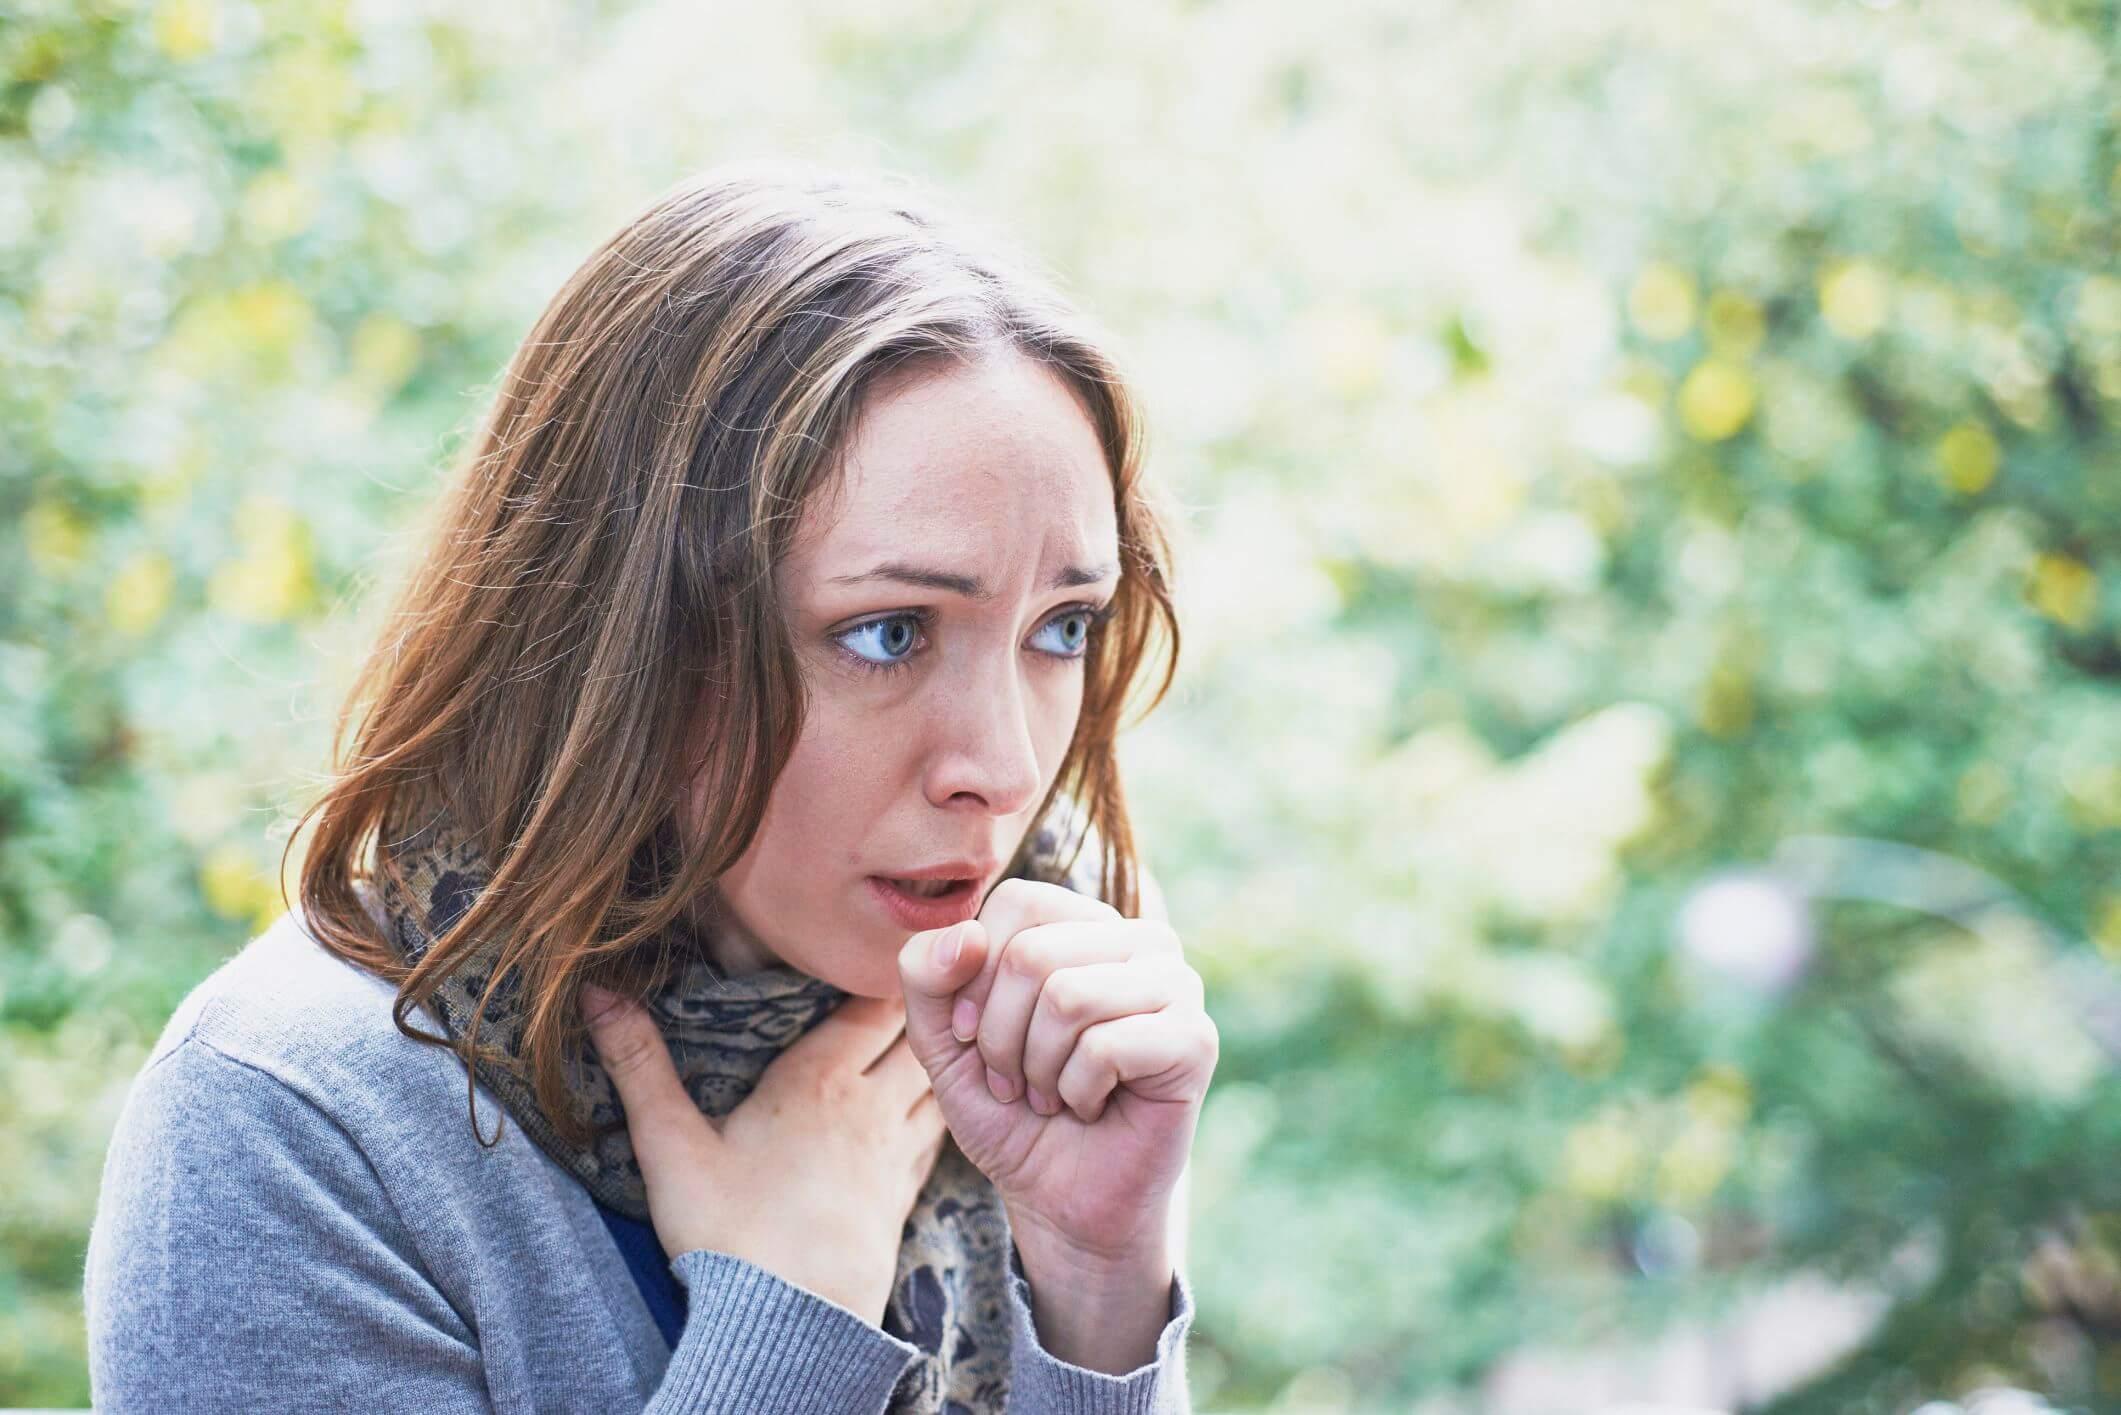 Лекарство от аллергического кашля: обзор лучших препаратов